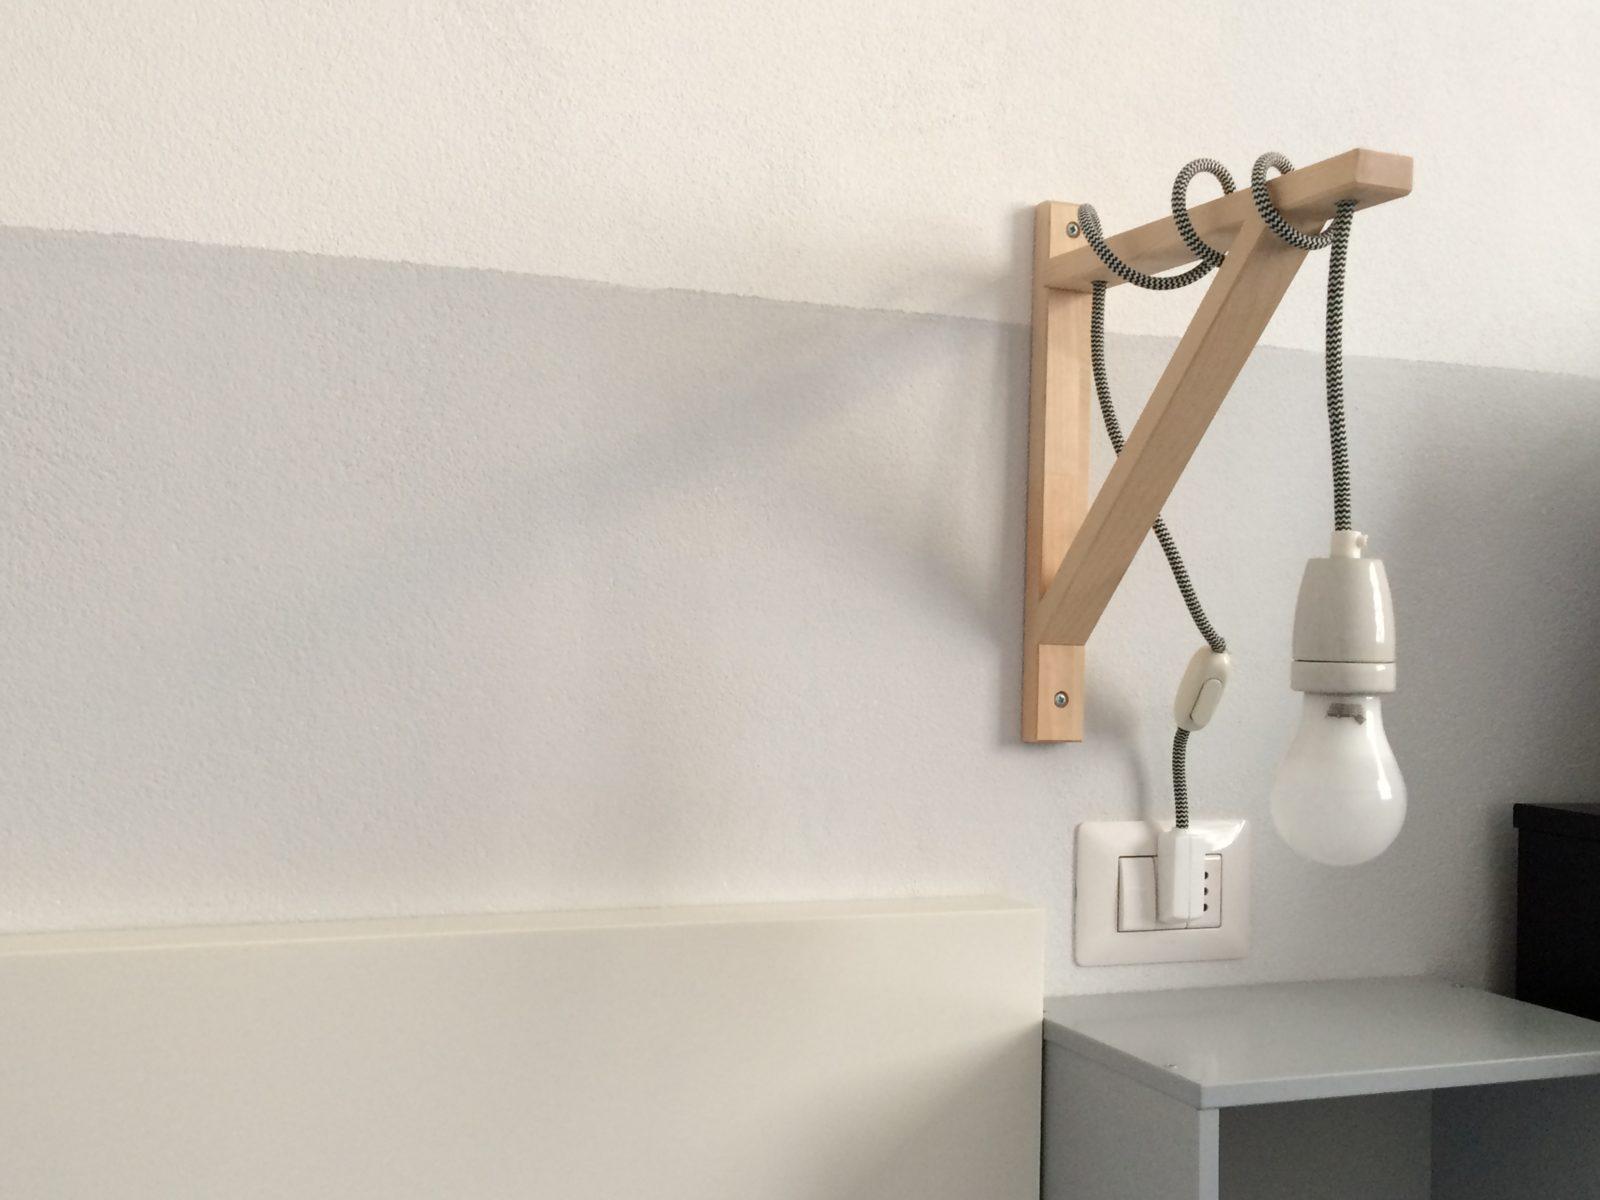 nachttischlampe als ikea hack handmade kultur. Black Bedroom Furniture Sets. Home Design Ideas